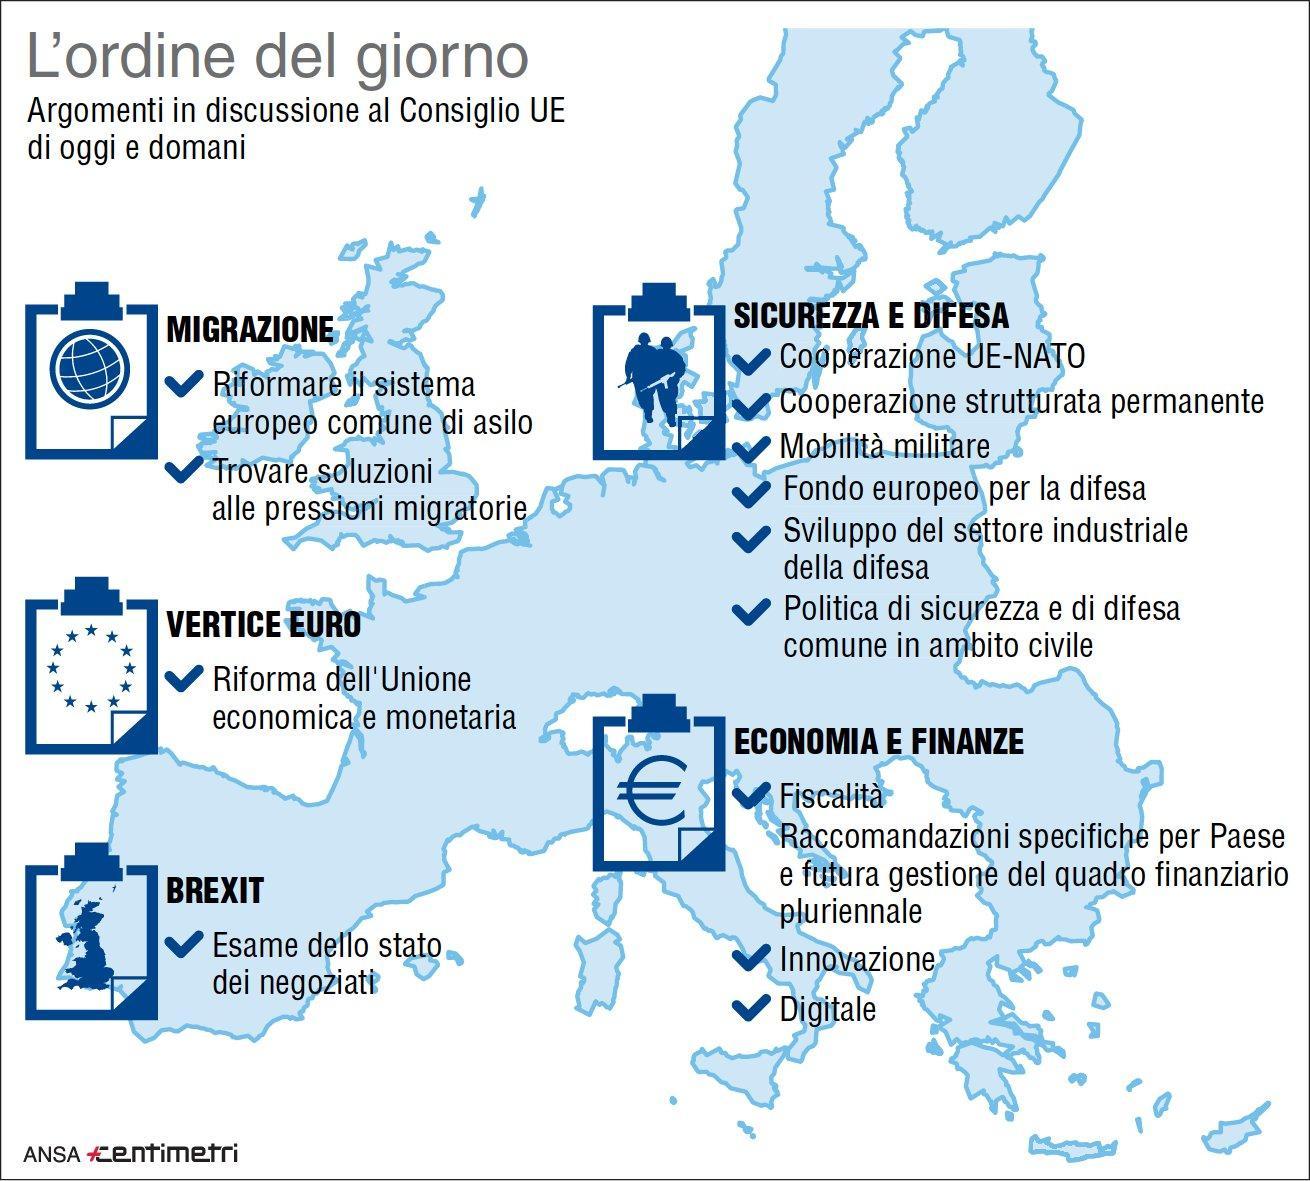 Consiglio europeo: i punti all ordine del giorno